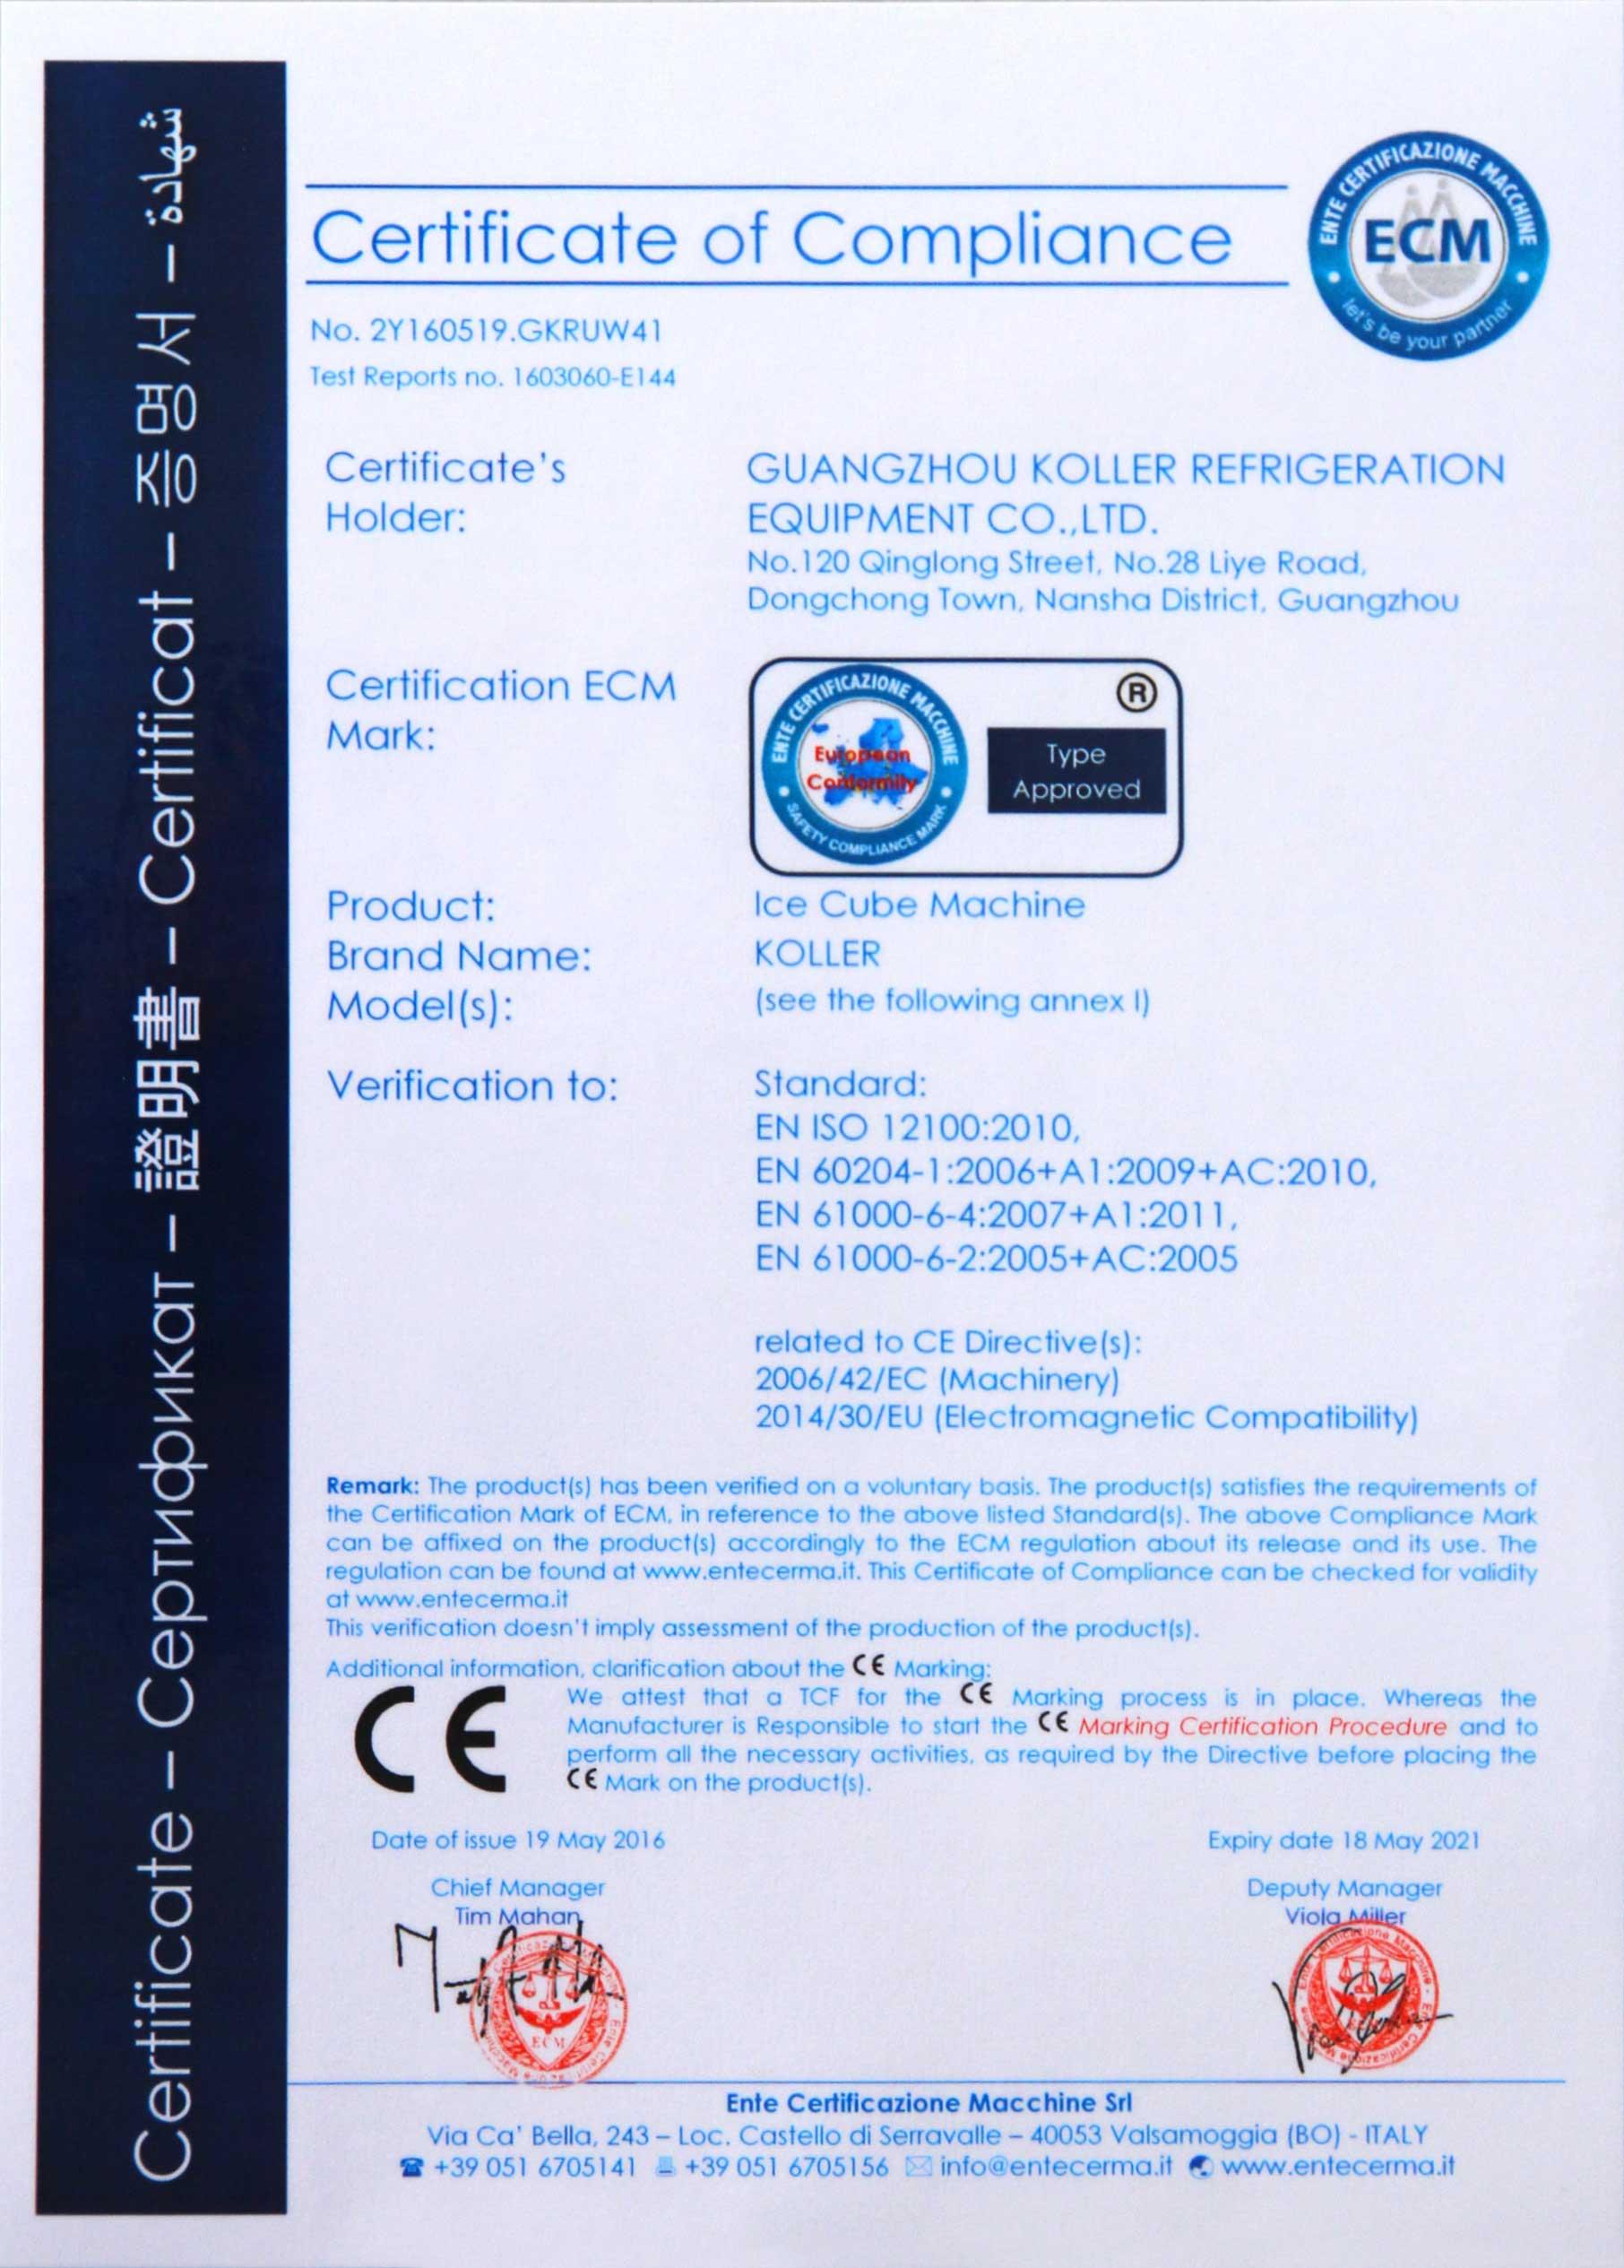 Koller CE Certificate 1